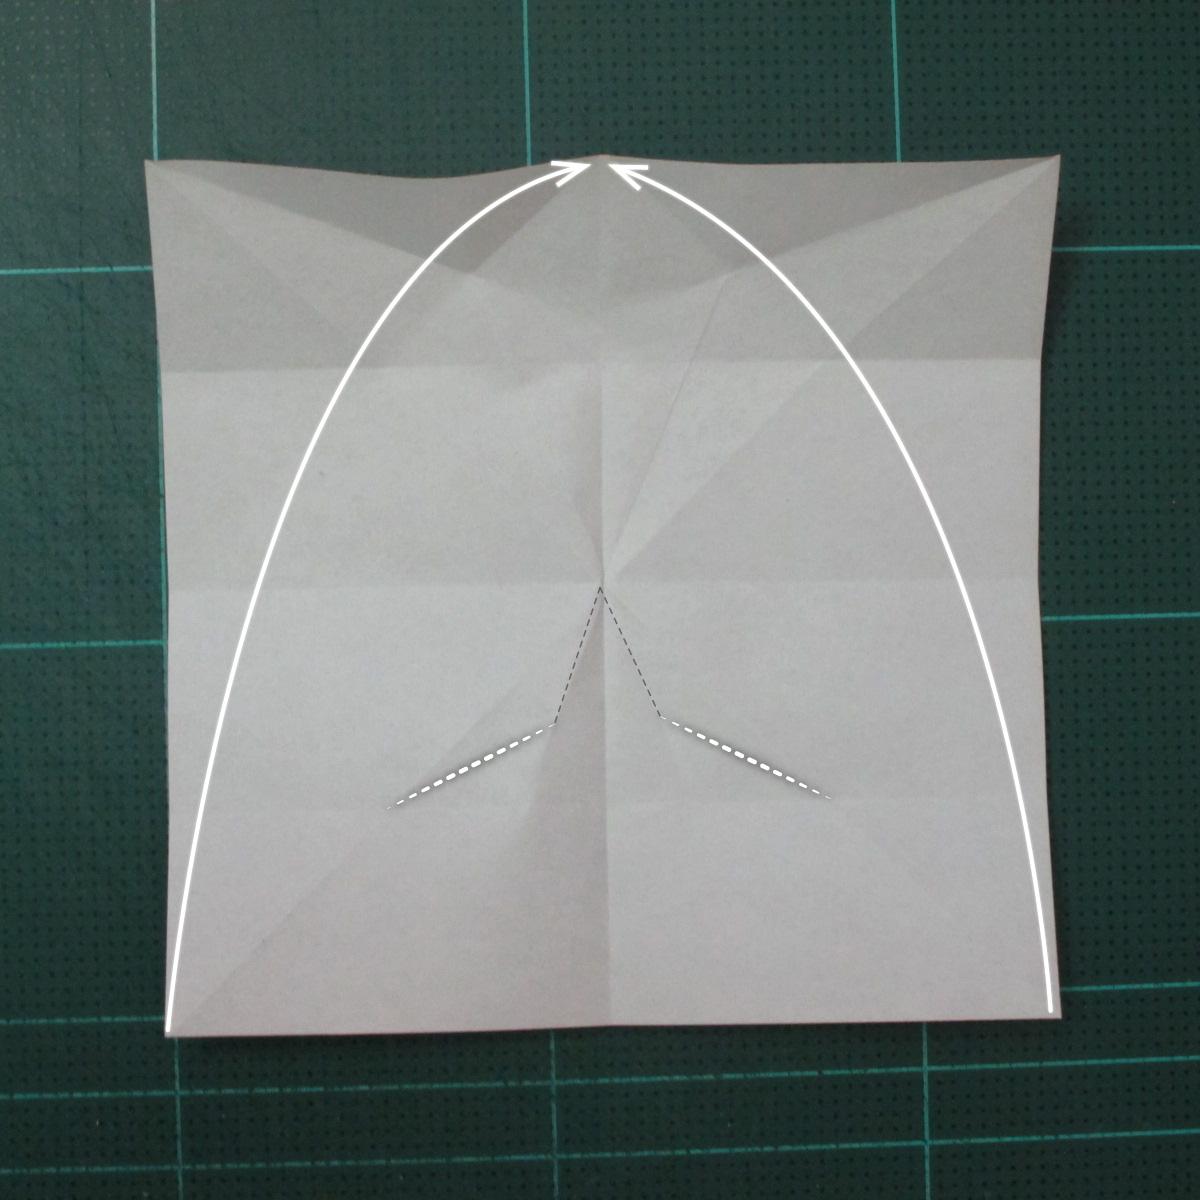 วิธีพับกระดาษเป็นที่คั่นหนังสือรูปผีเสื้อ (Origami Butterfly Bookmark) 010